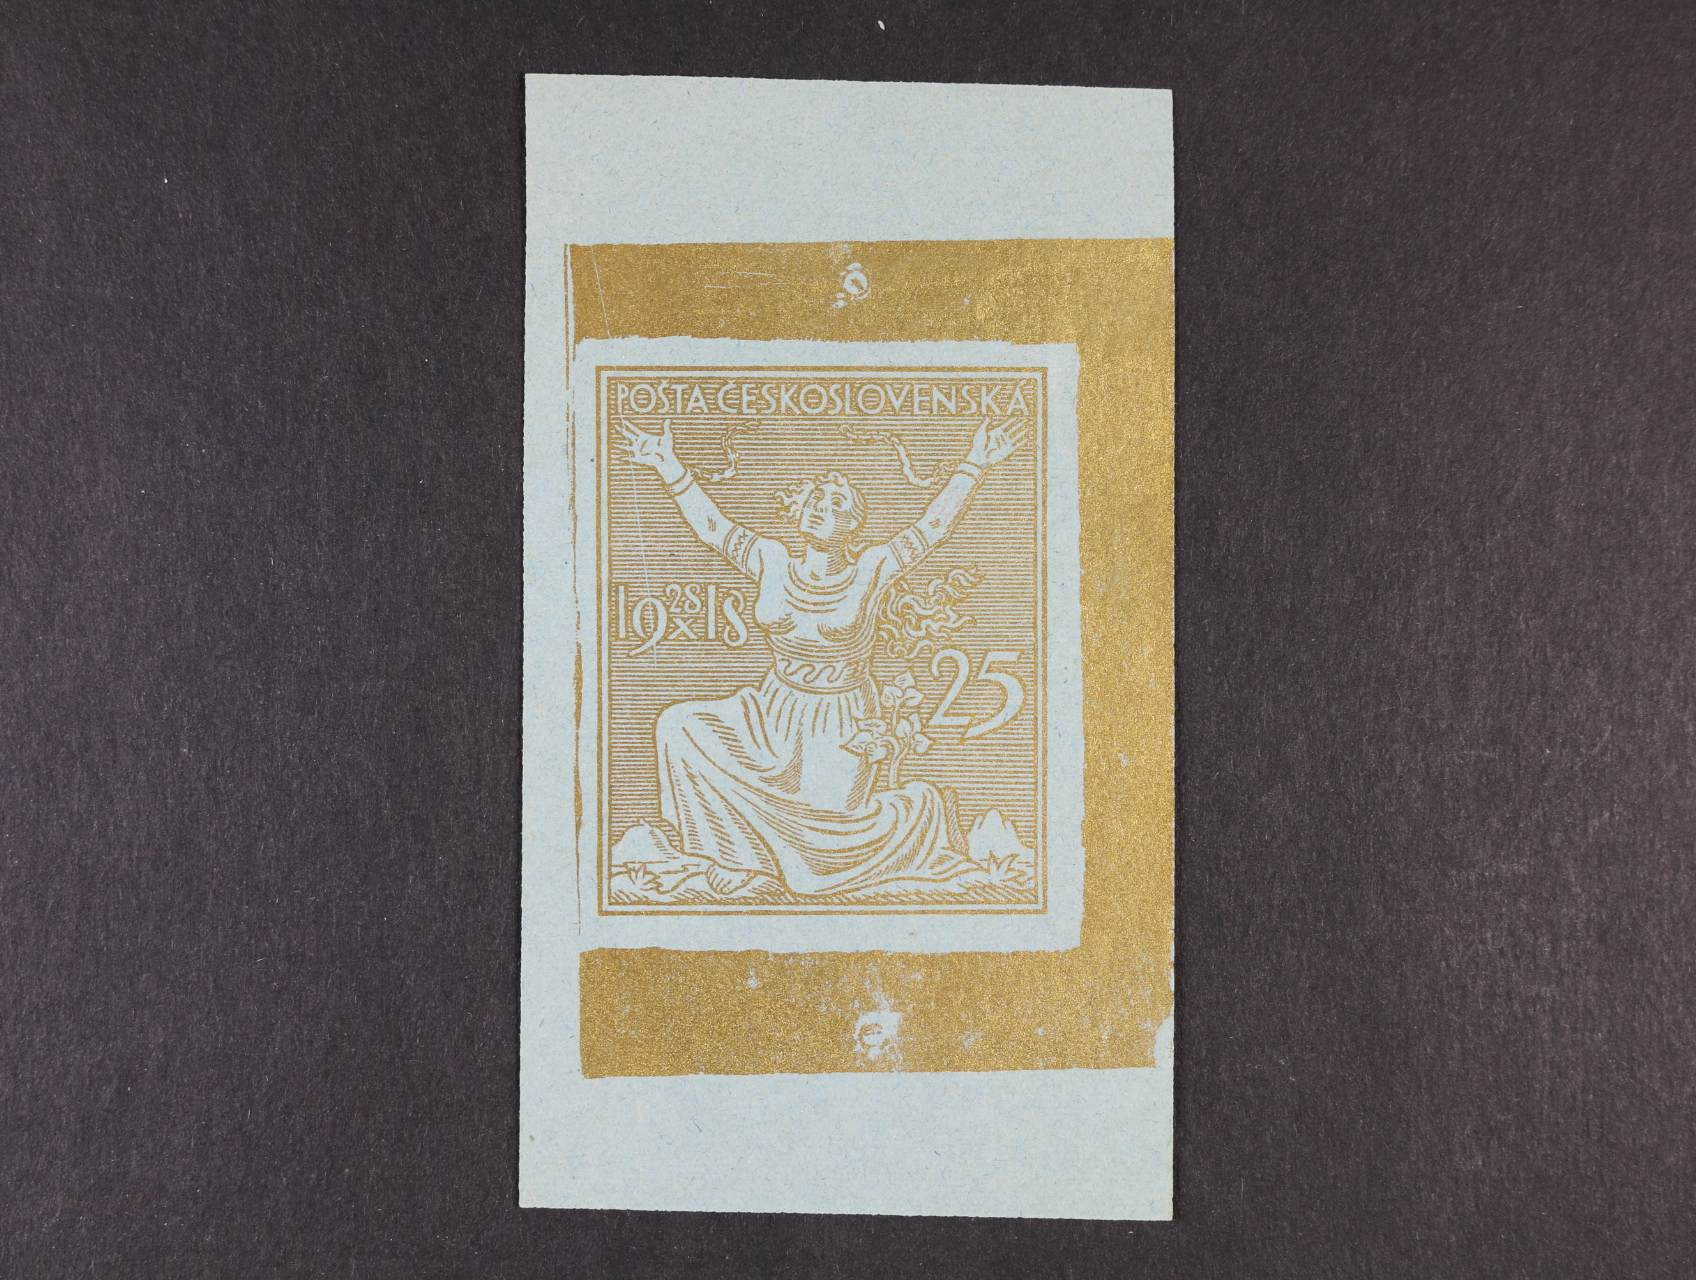 předlohový ZT hodnoty 25h, větší formát 45 x 55 mm, linkované pozadí s letopočtem vlevo a hodnotovou číslicí vpravo, v barvě zlaté na světlemodrém papíře z nevyčištěné desky